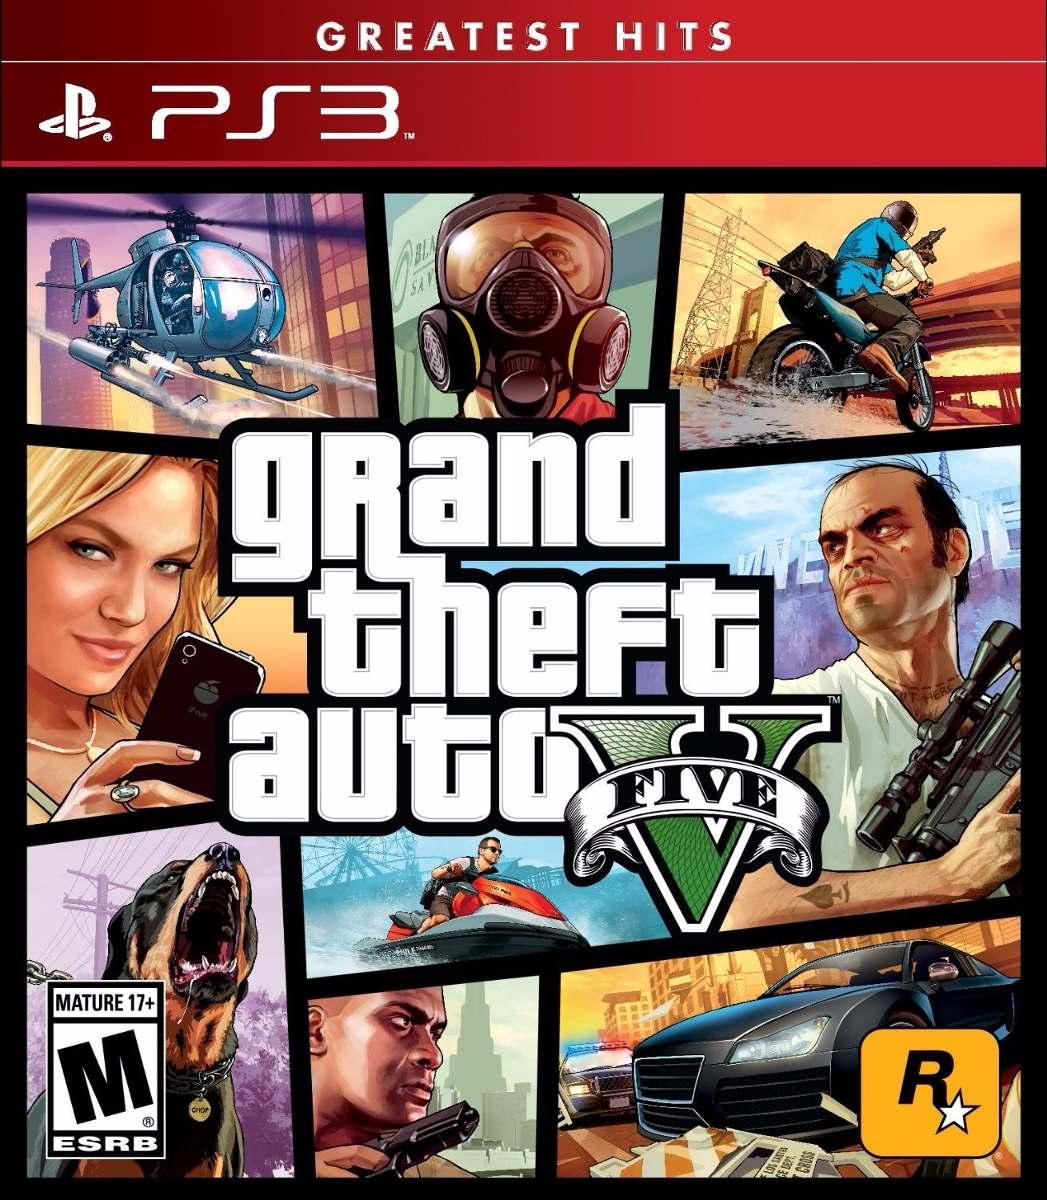 Gta Grand Theft Auto V 5 Ps3: Grand Theft Auto V Gta 5 Para Playstation 3 Nuevo